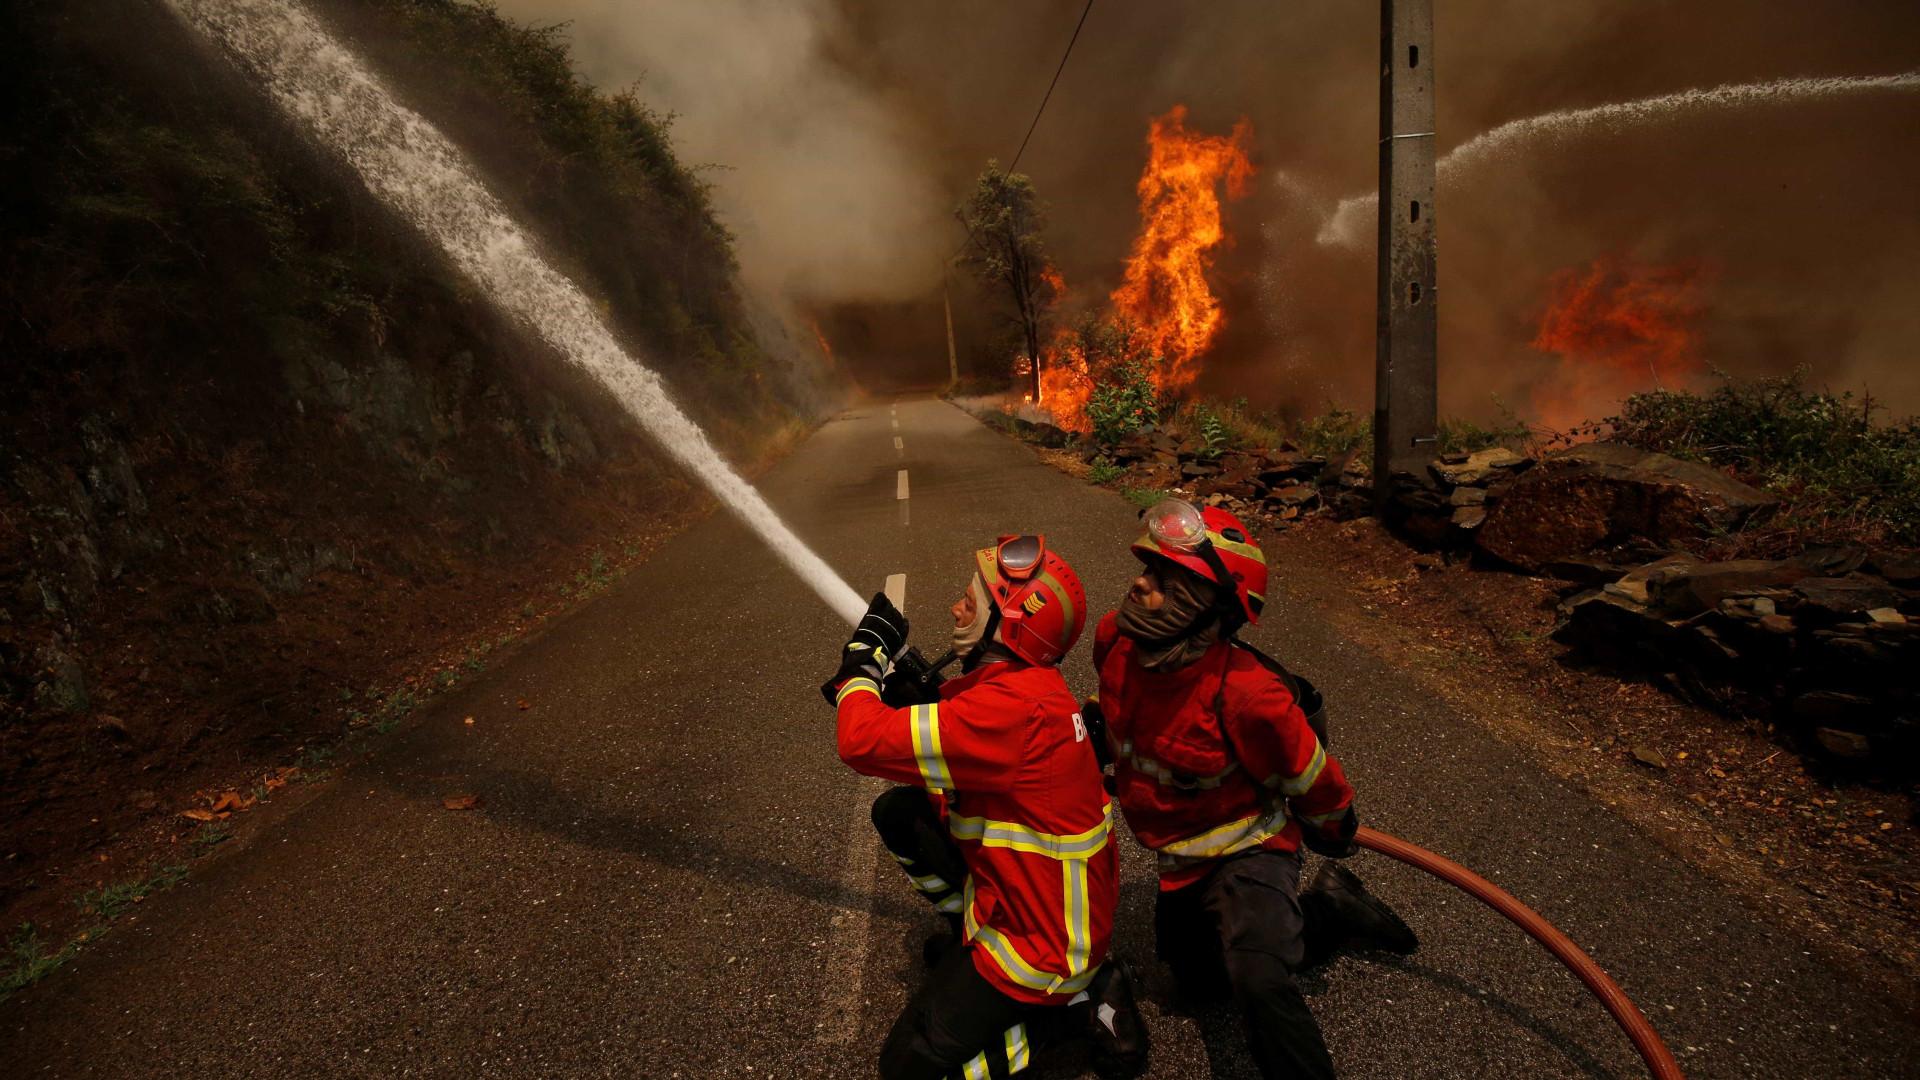 Prisão preventiva para alegado incendiário em Cabeceiras de Basto